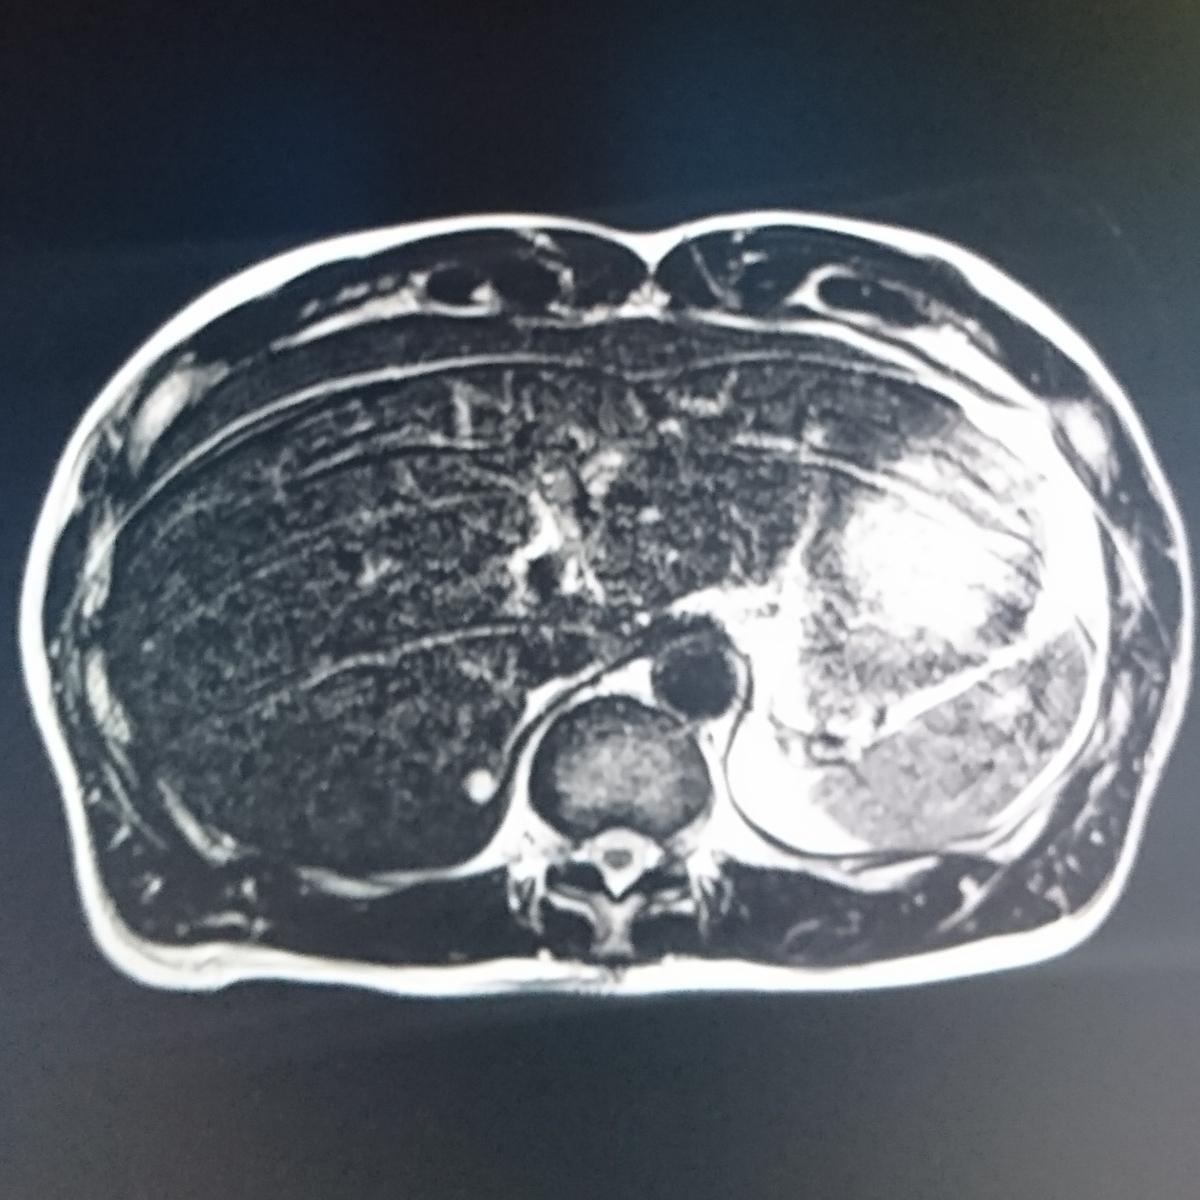 息が止まらず呼吸同期も考える腹部MRIのゴースト